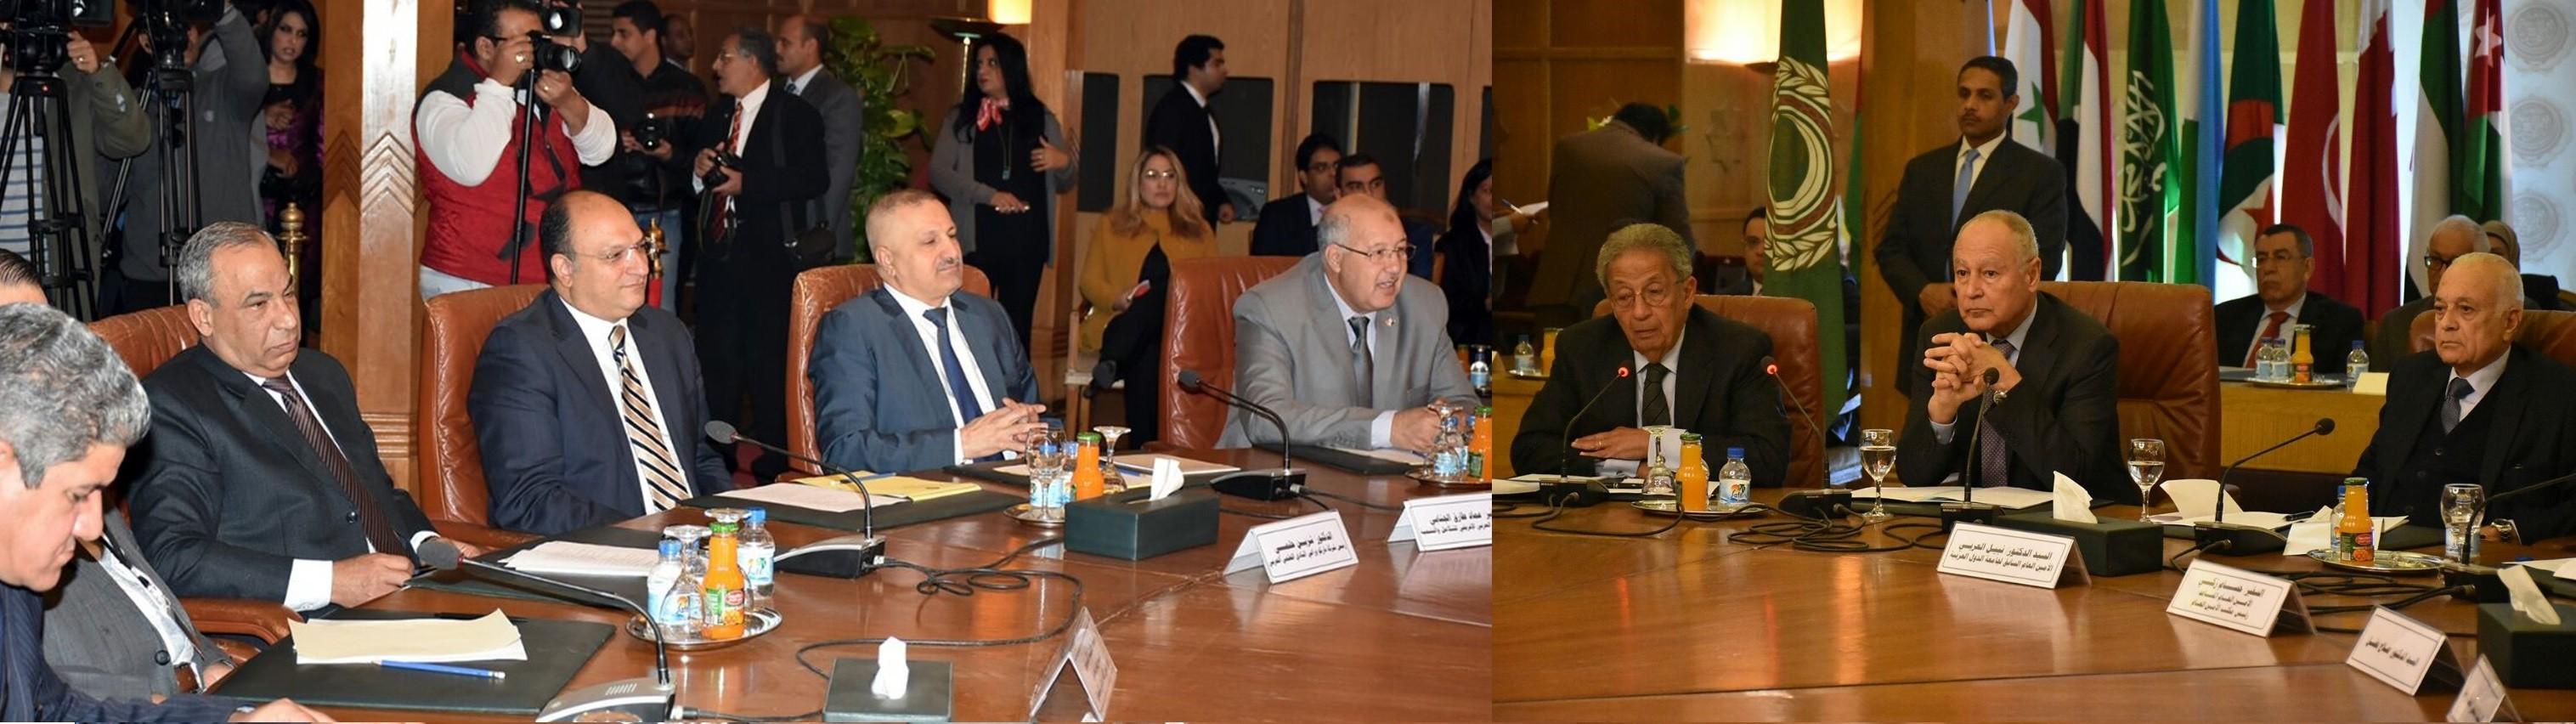 في مؤتمر بحضور زعماء الجامعة العربية الثلاثة